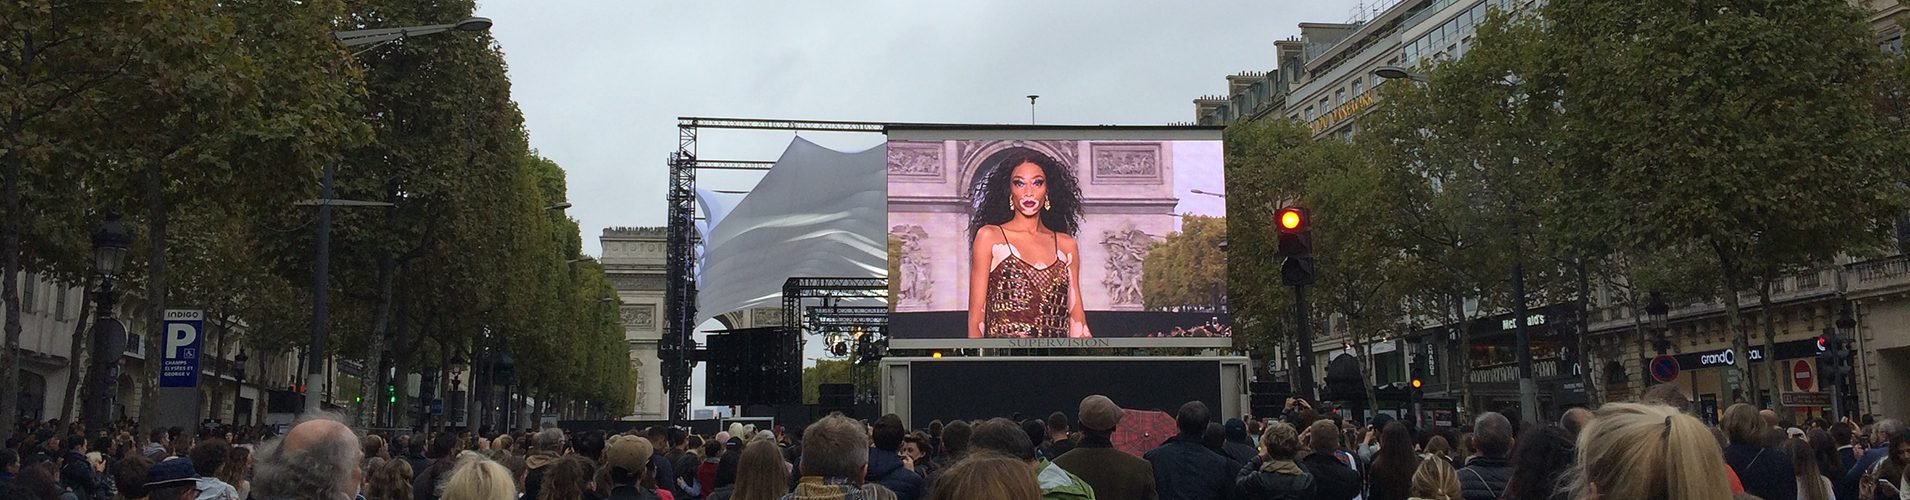 Giant LED screen Supervision LMC30 Défilé L'Oréal Paris Fashion Week Champs Elysées